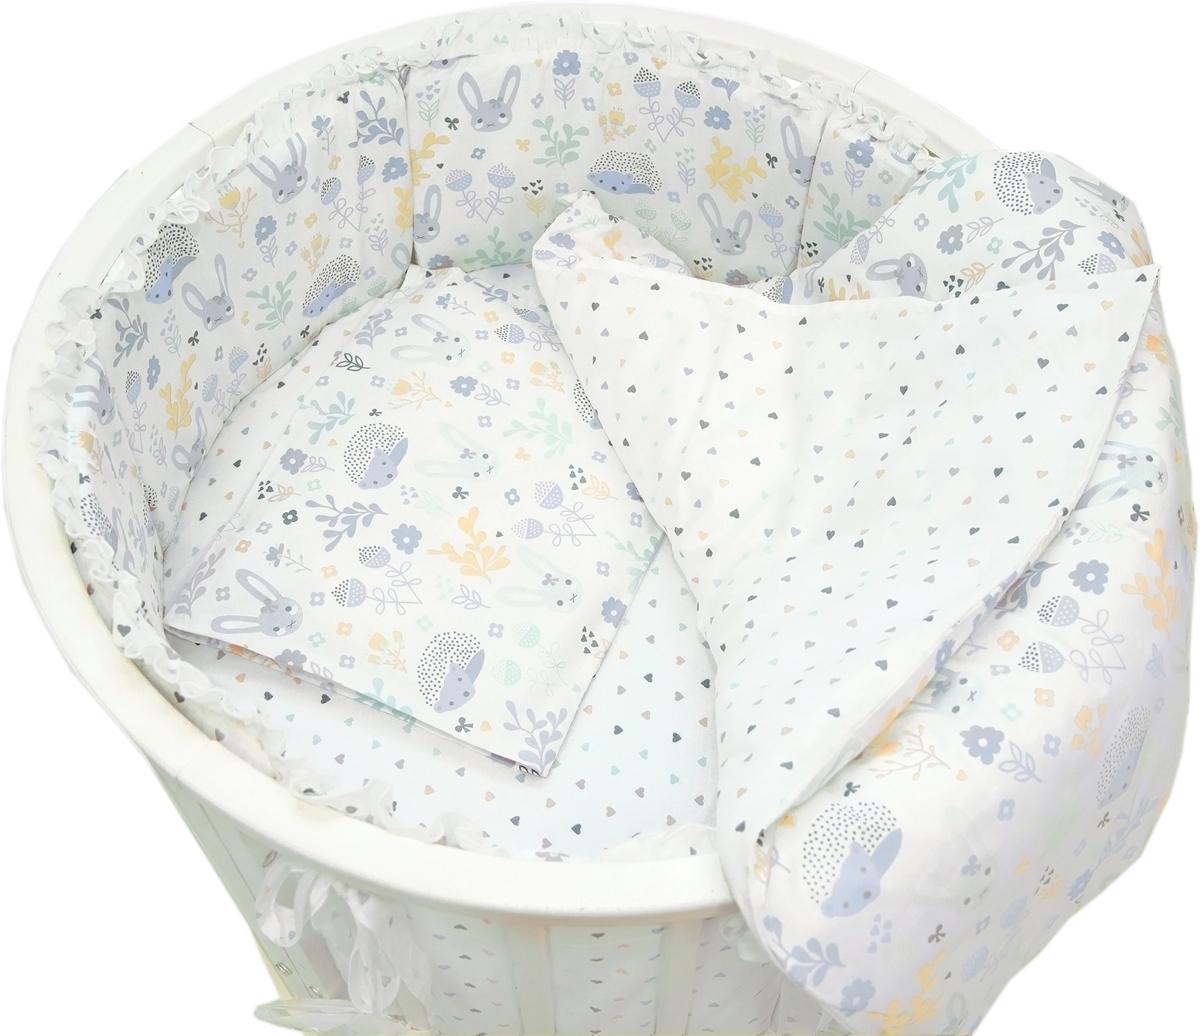 Baby Nice Комплект постельного белья детский Лесная поляна цвет голубой C431/1C431/1Постельное бельё, сшито из качественной бязи импортного производства. Бельё не деформируется, цвет не выстирывается.